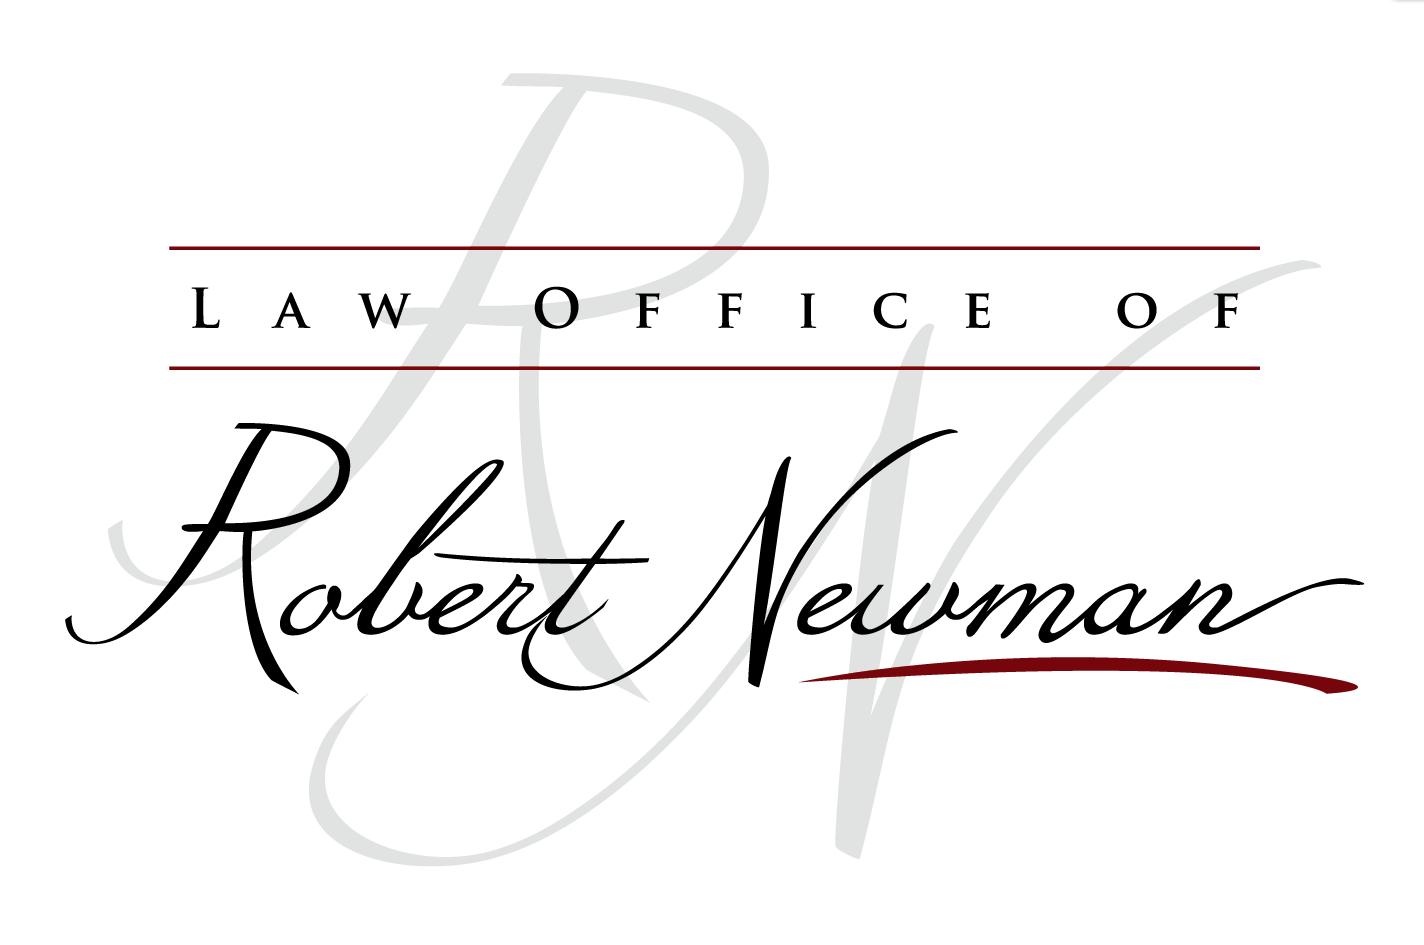 cropped-robert_newman_logo_final1.png